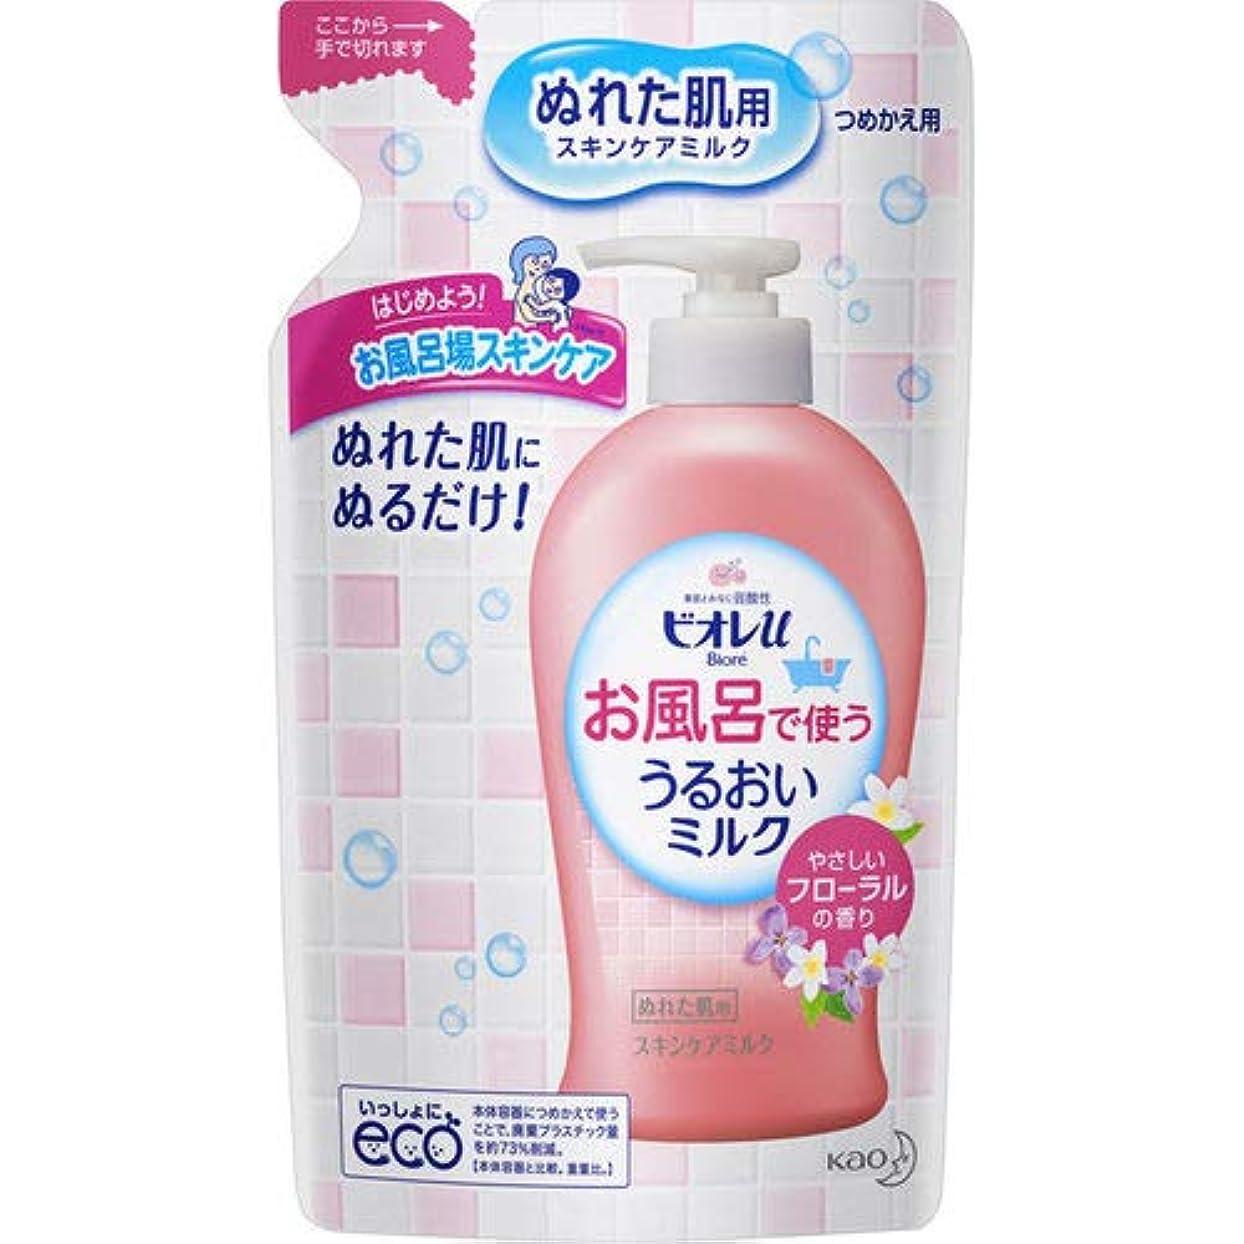 鹿破裂ベストビオレu お風呂で使ううるおいミルク フローラル つめかえ用 250mL